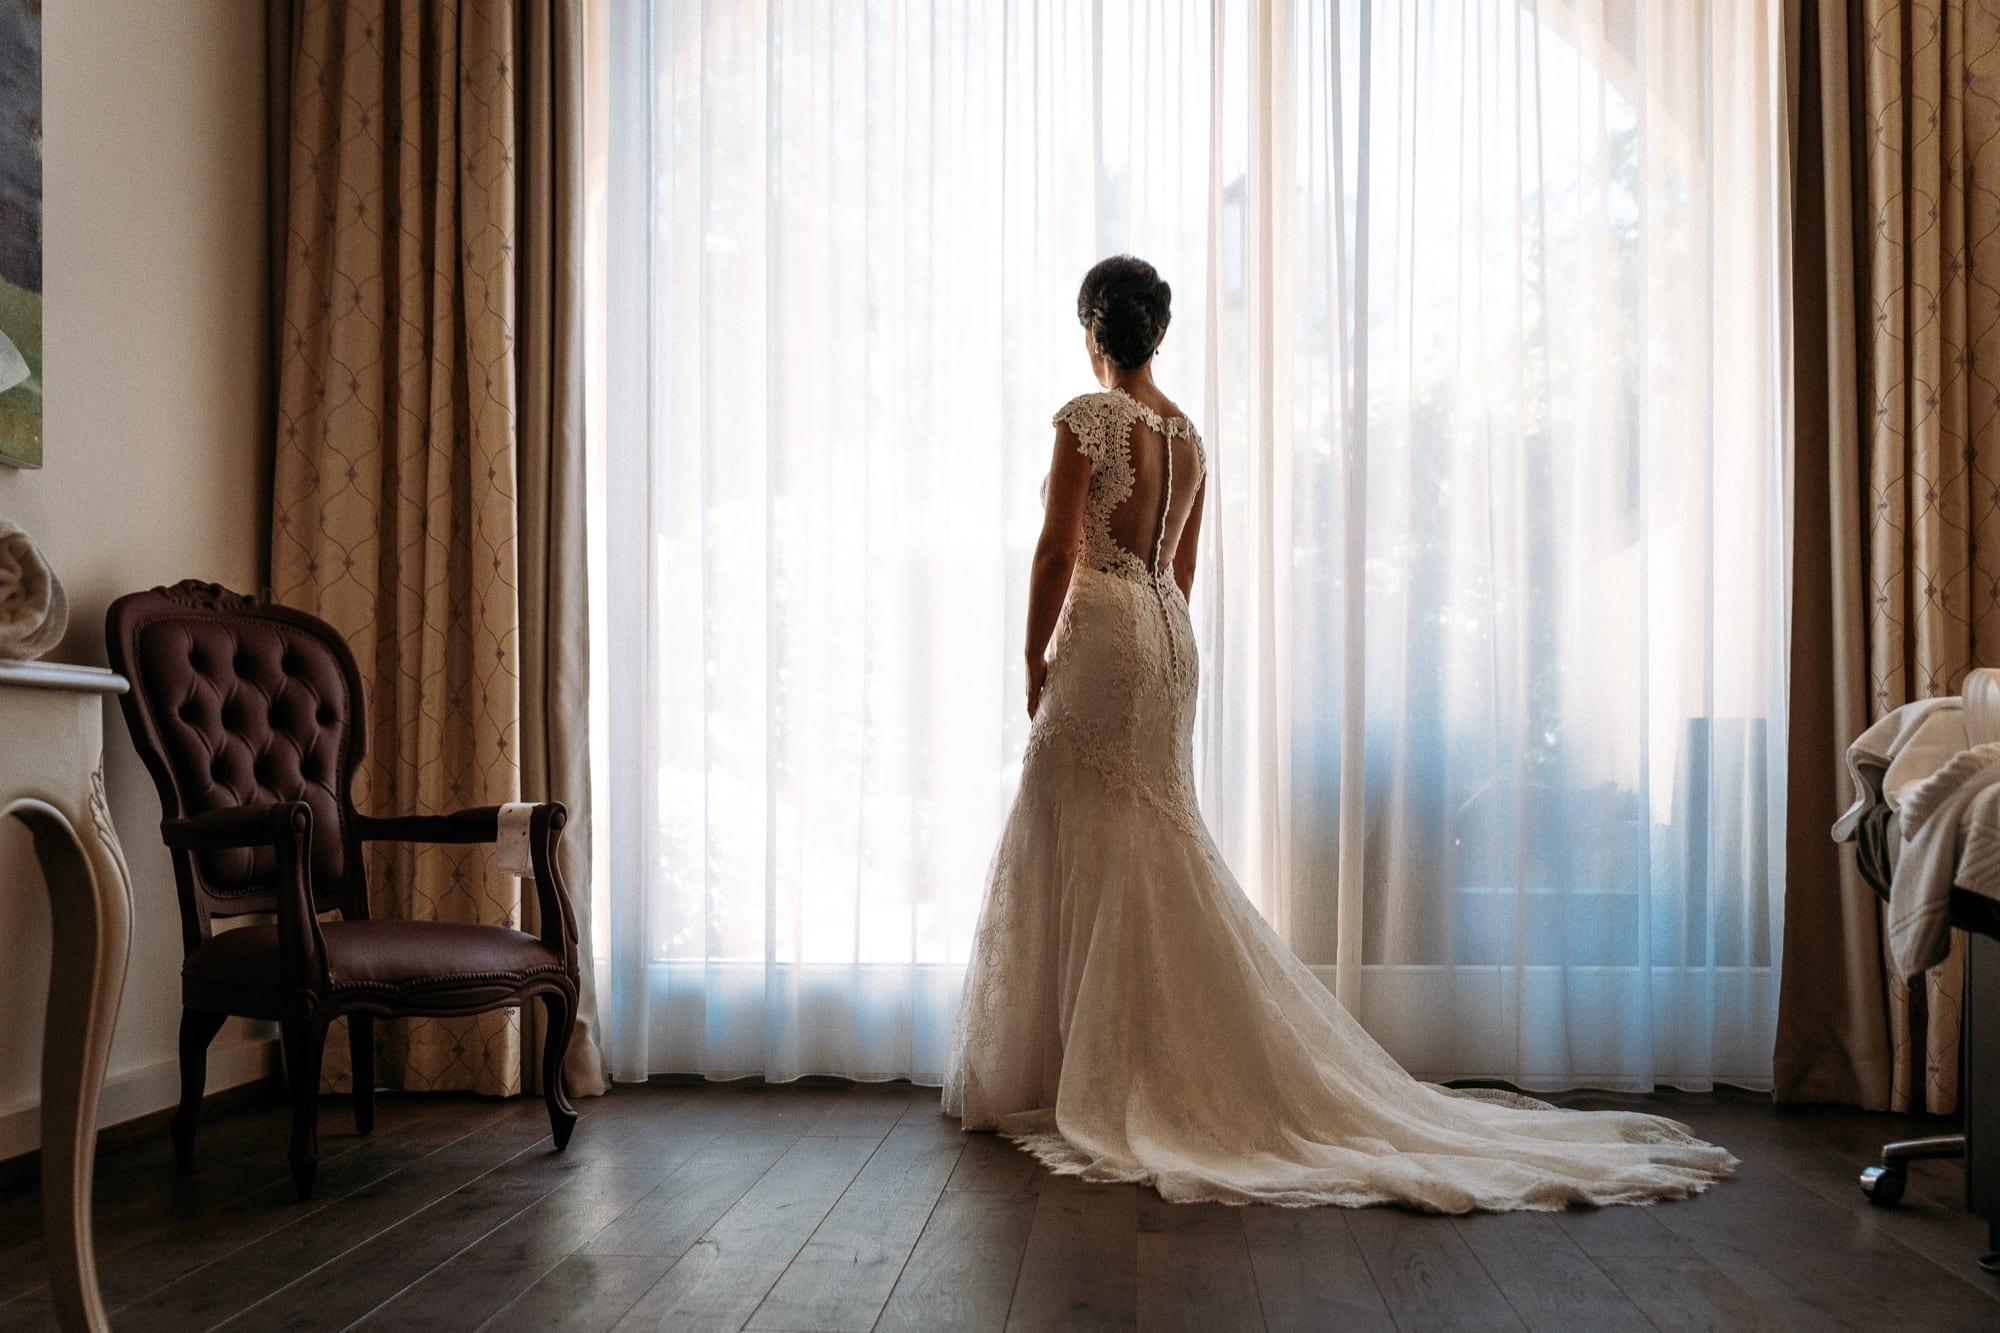 GA_Hochzeit Schmidt_RGB_Low_©Ivan Steiner_Nur interne Verwendung_51